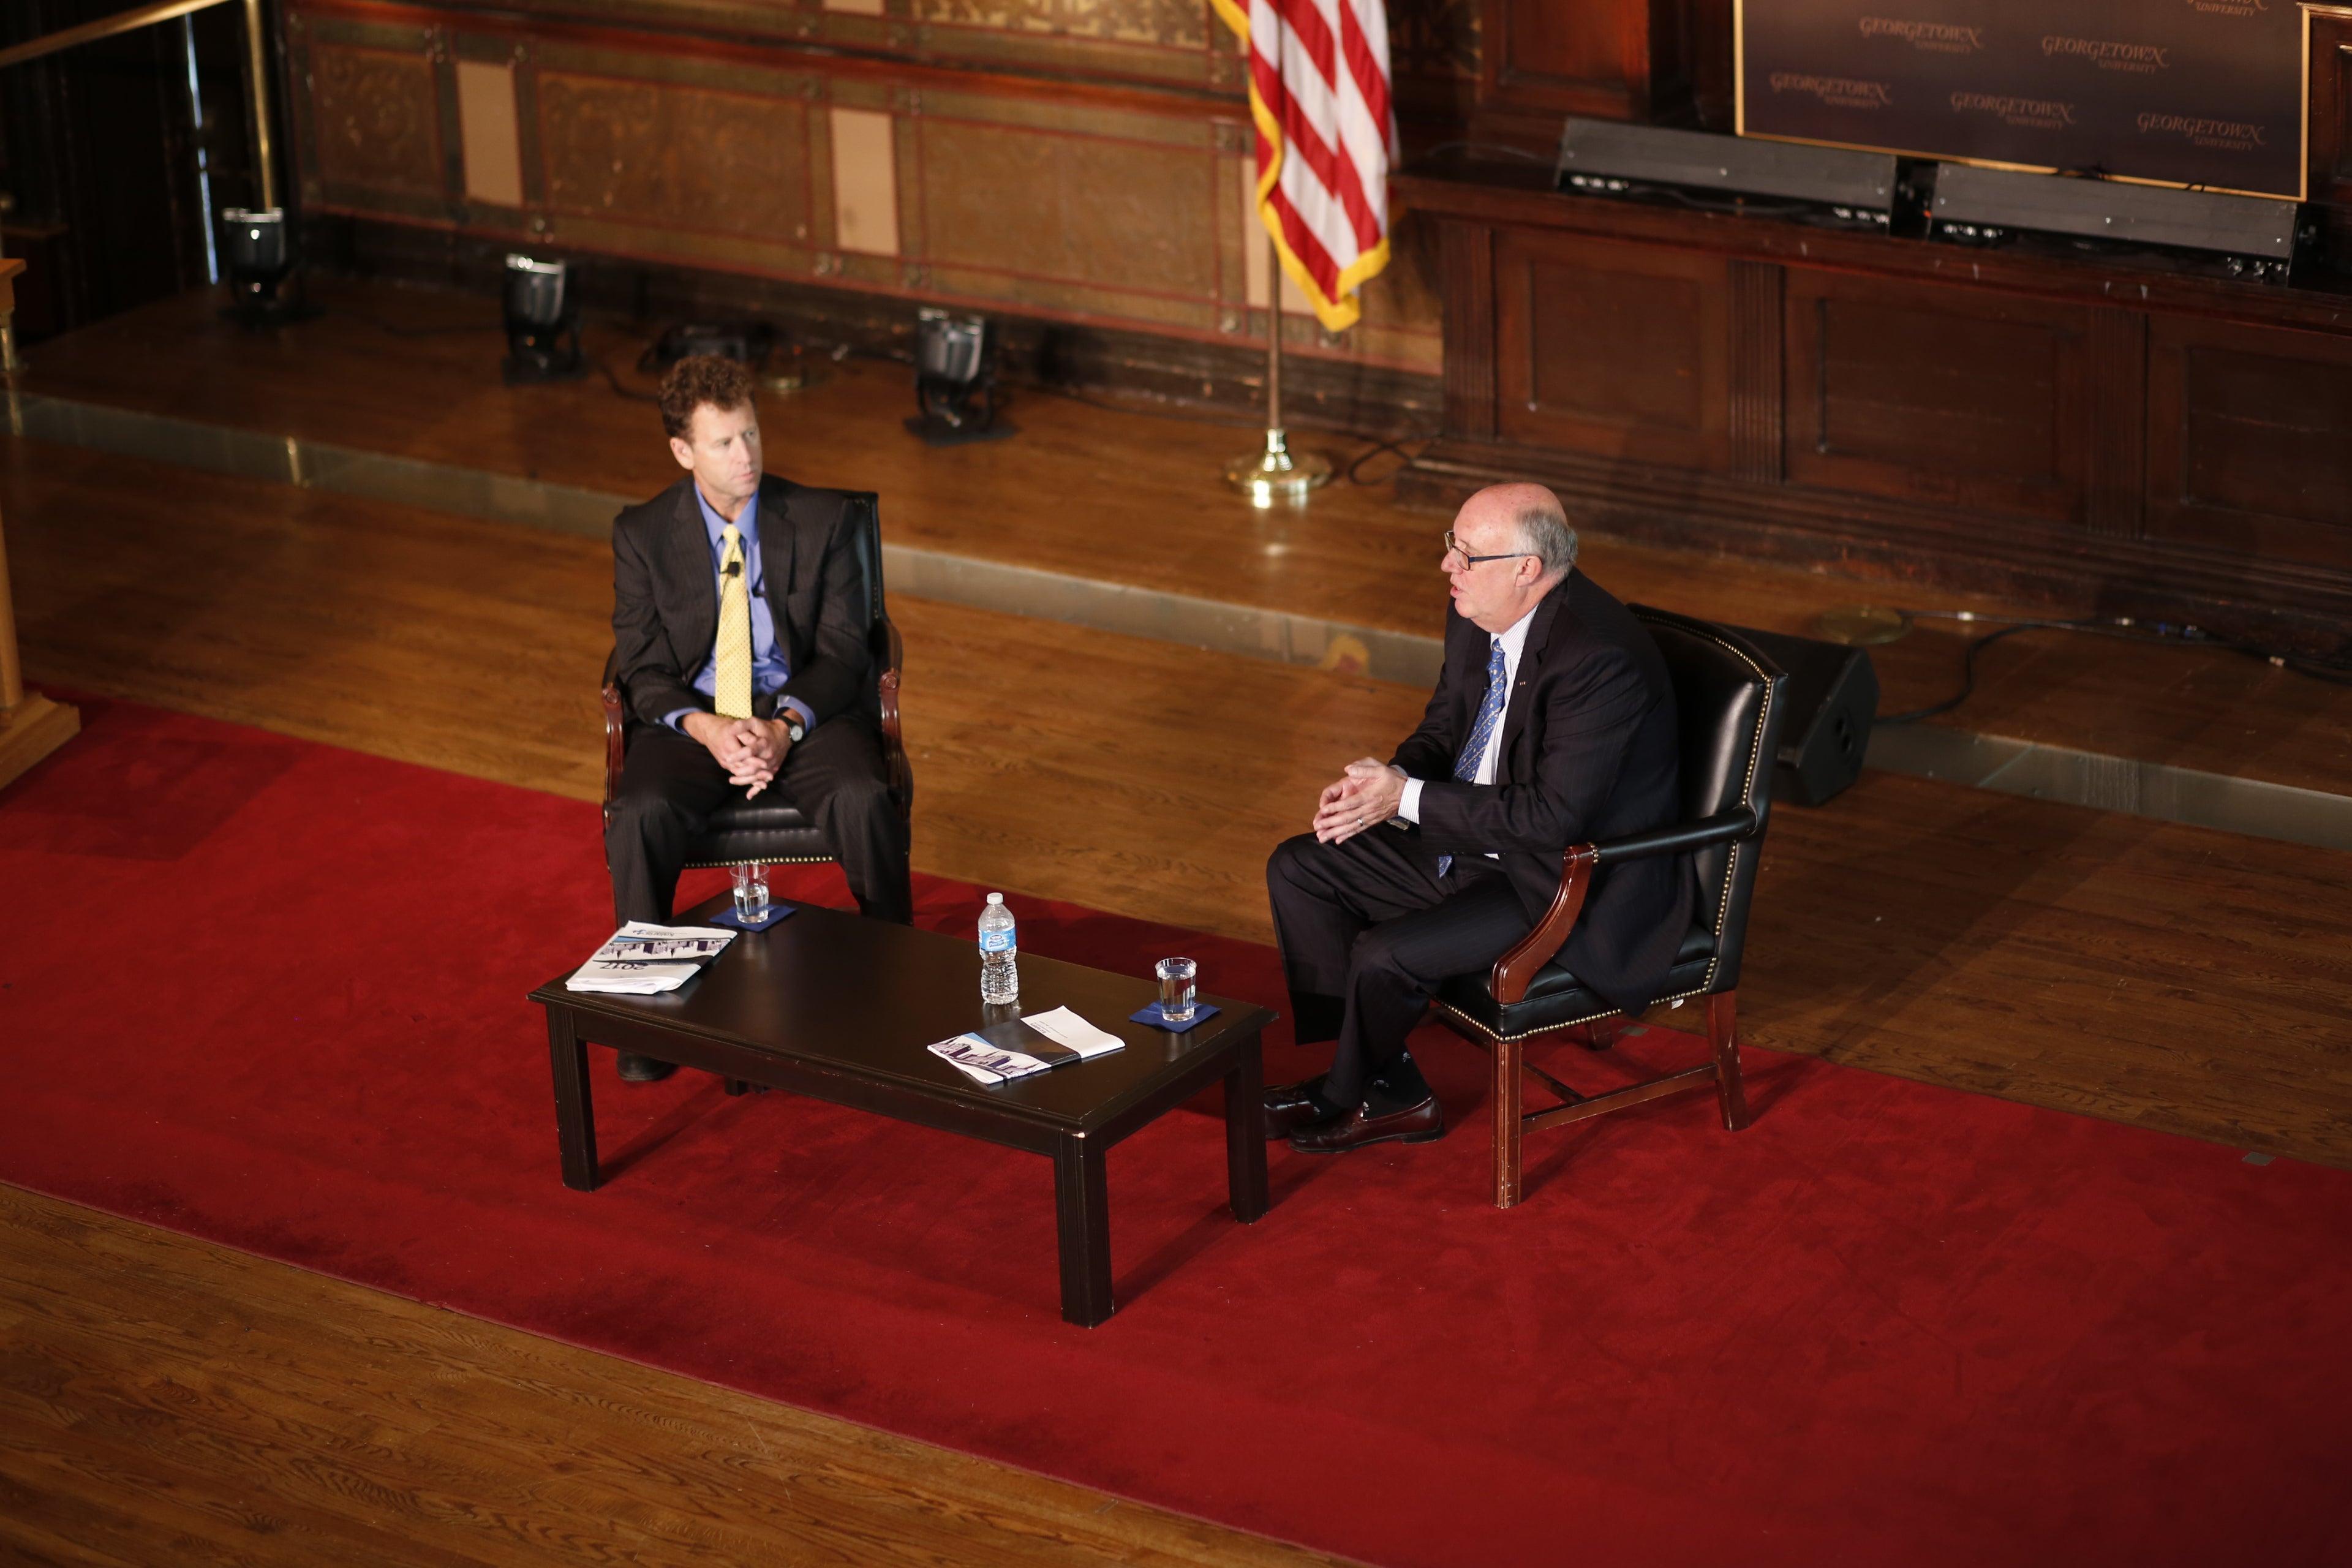 Bruce Riedel and Michael O'Hanlon